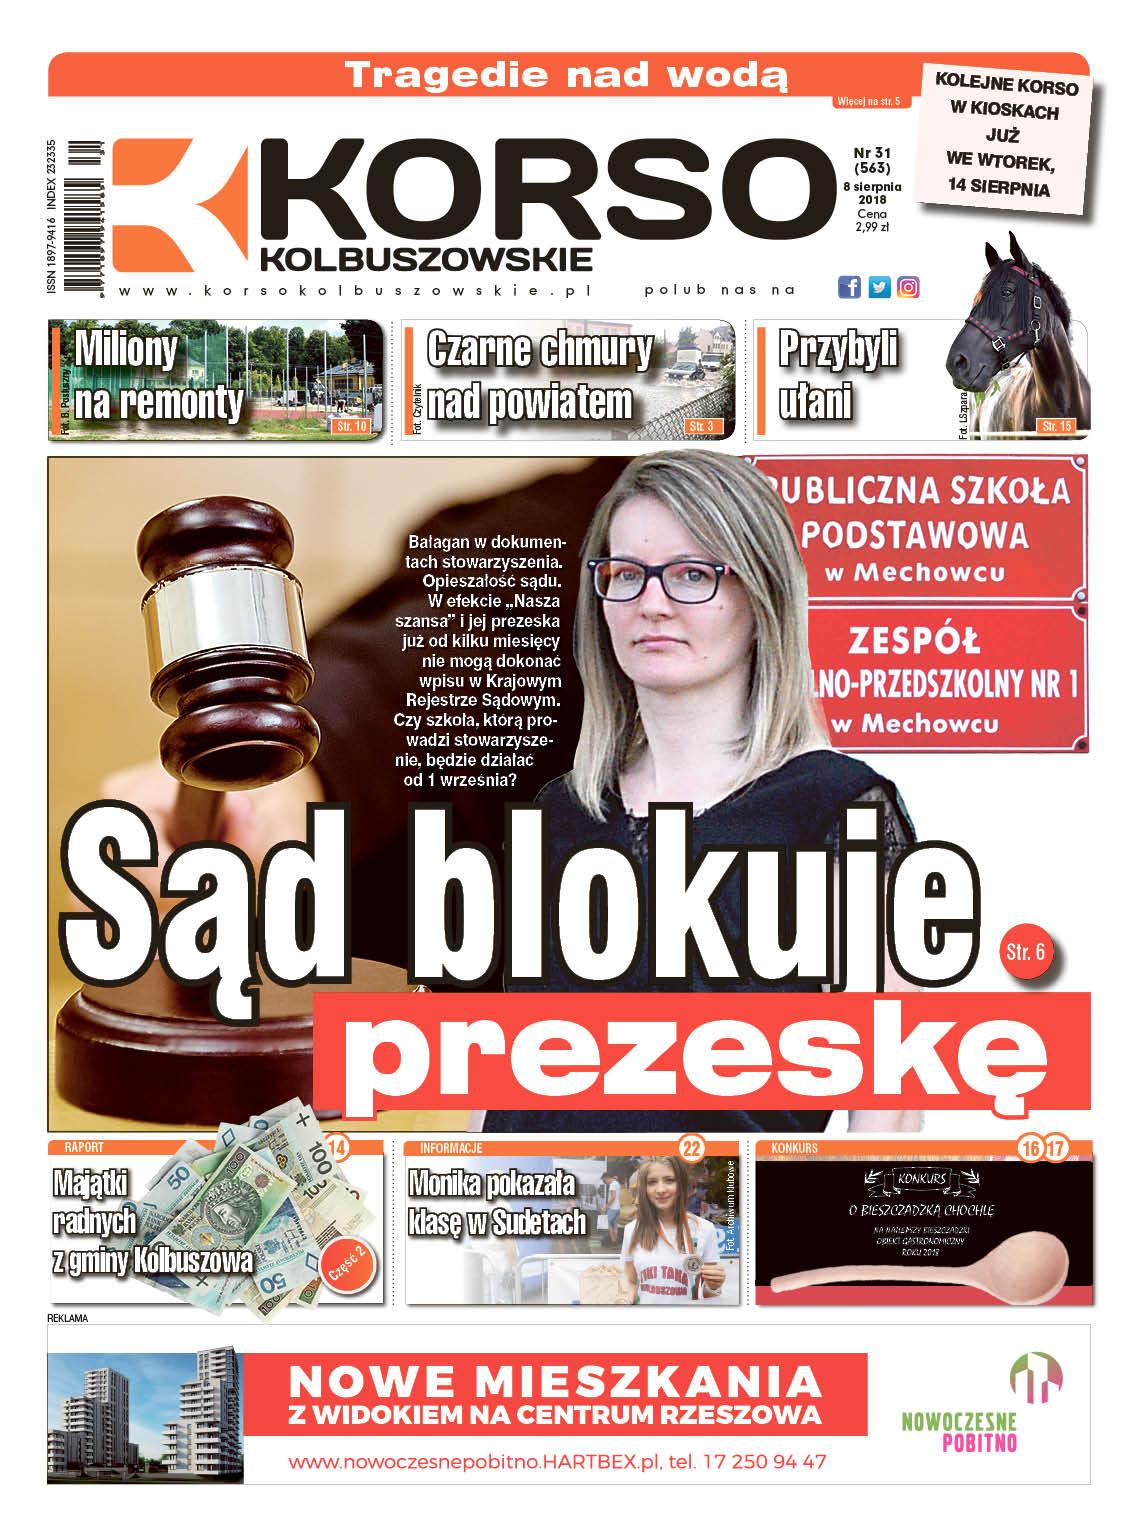 Korso Kolbuszowskie - nr 31/2018 - Zdjęcie główne